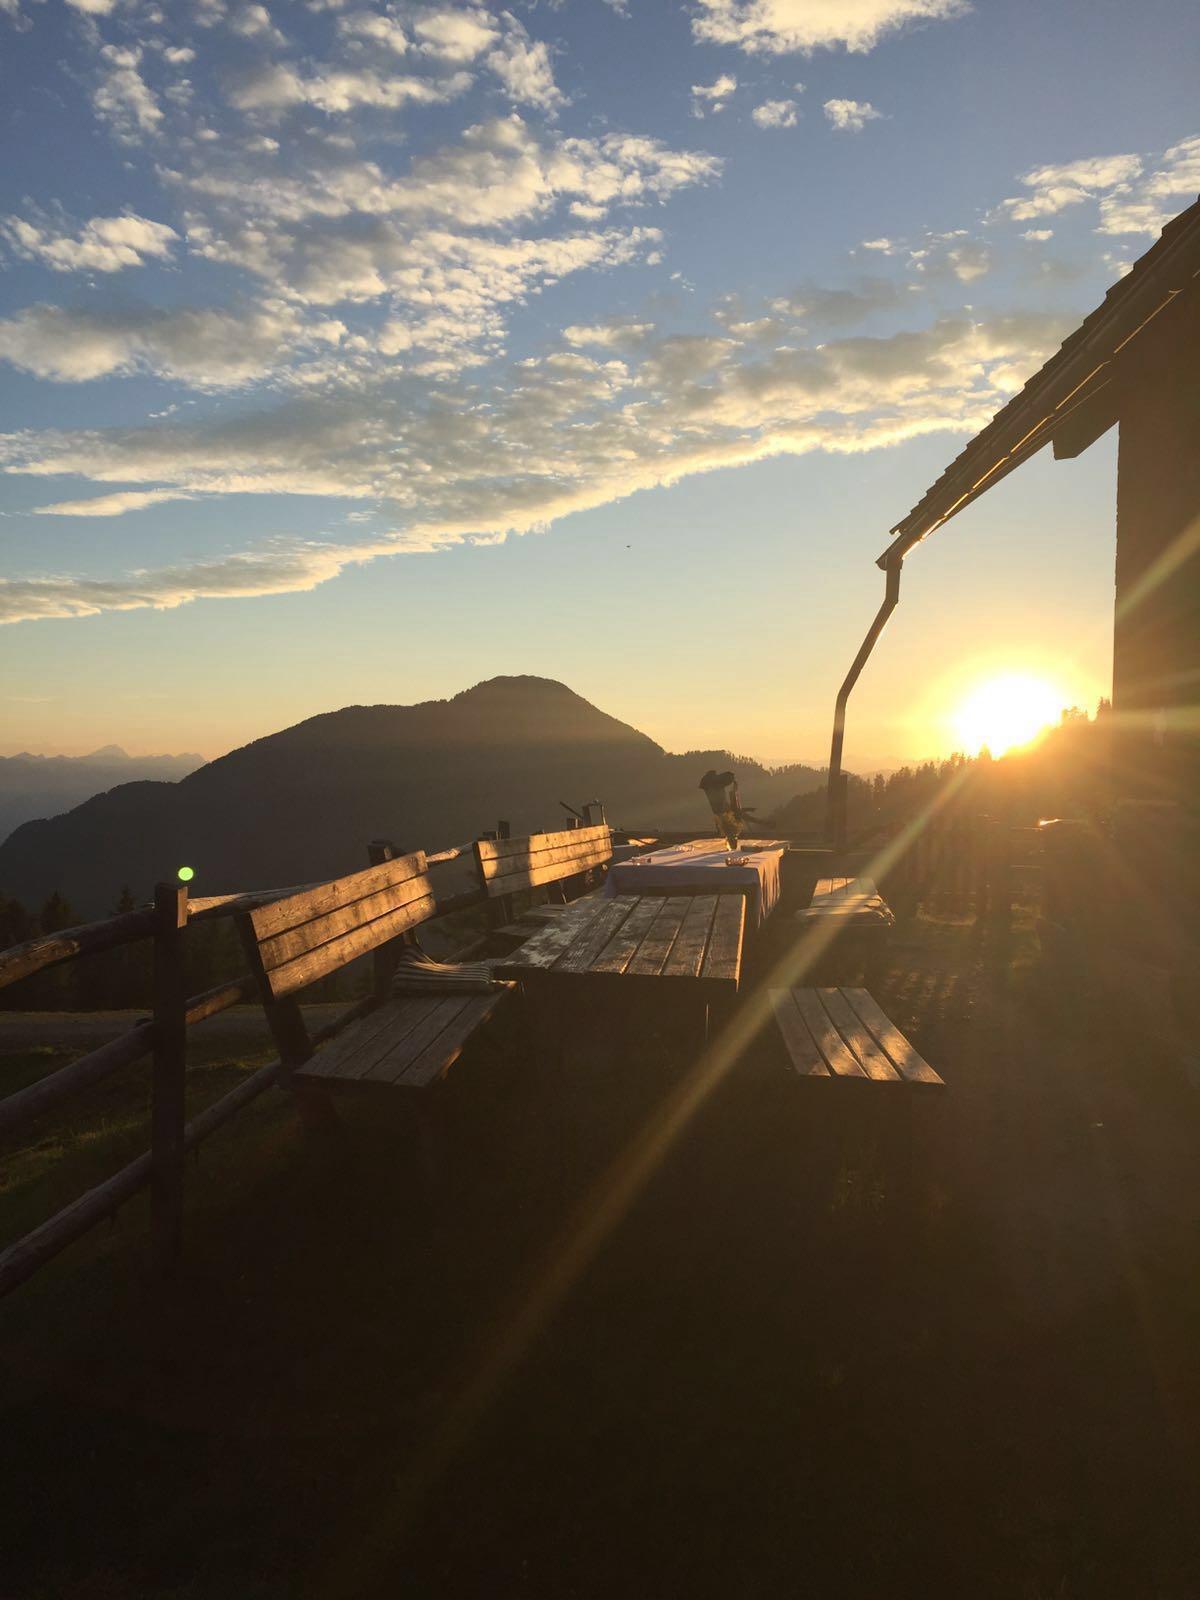 Sonnenuntergang Wertschacher Alm